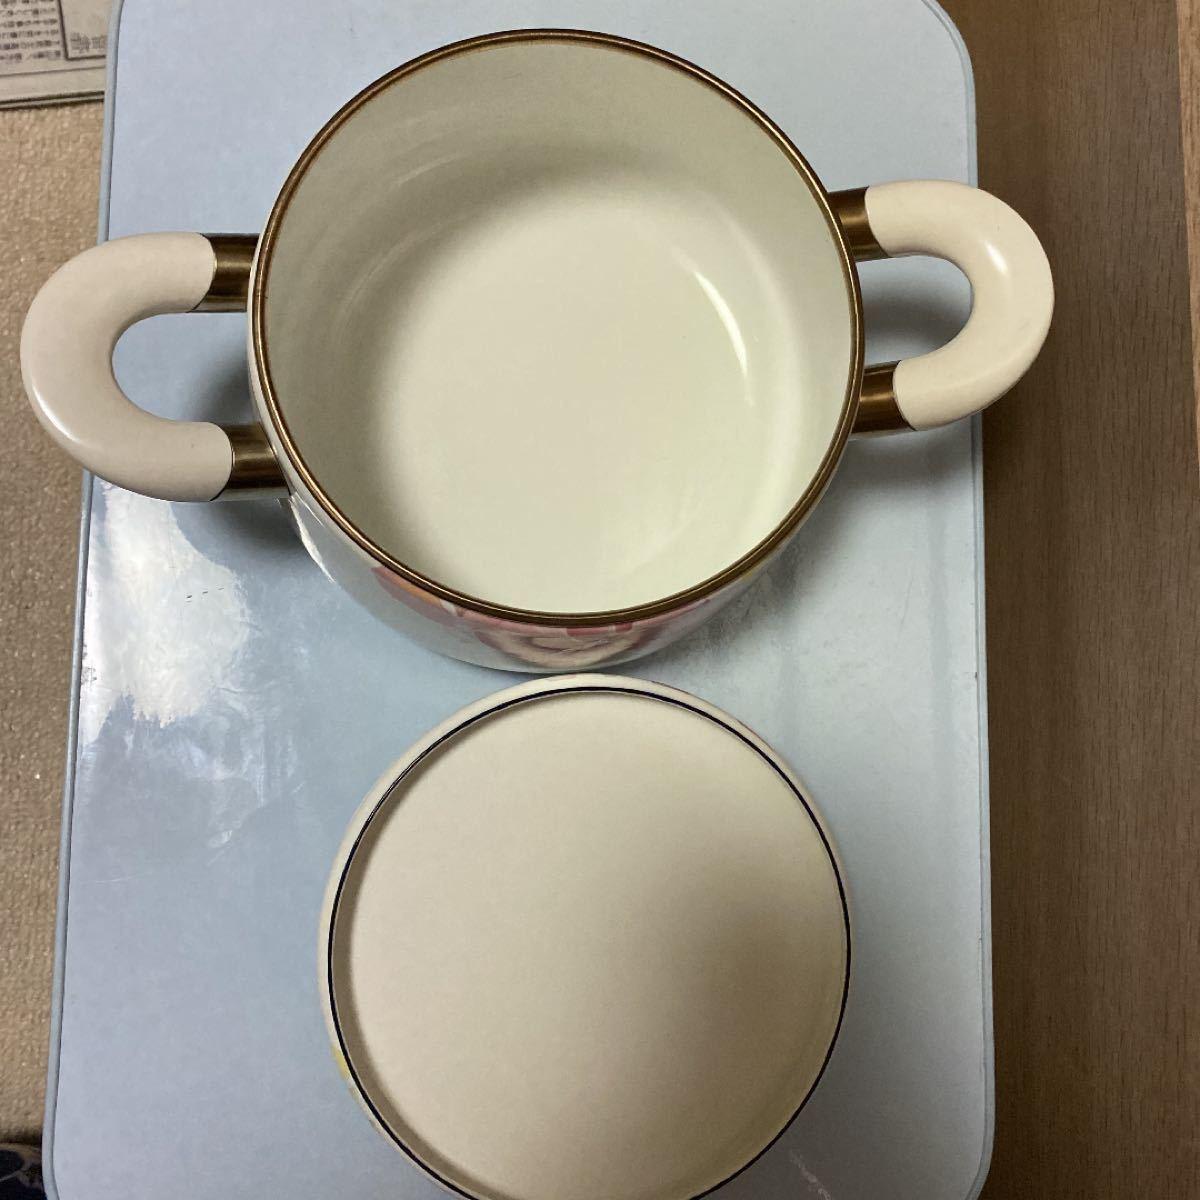 象印 ALLEN BALLY ホーロー鍋 胡蝶蘭 両手鍋 約20cm IH対応